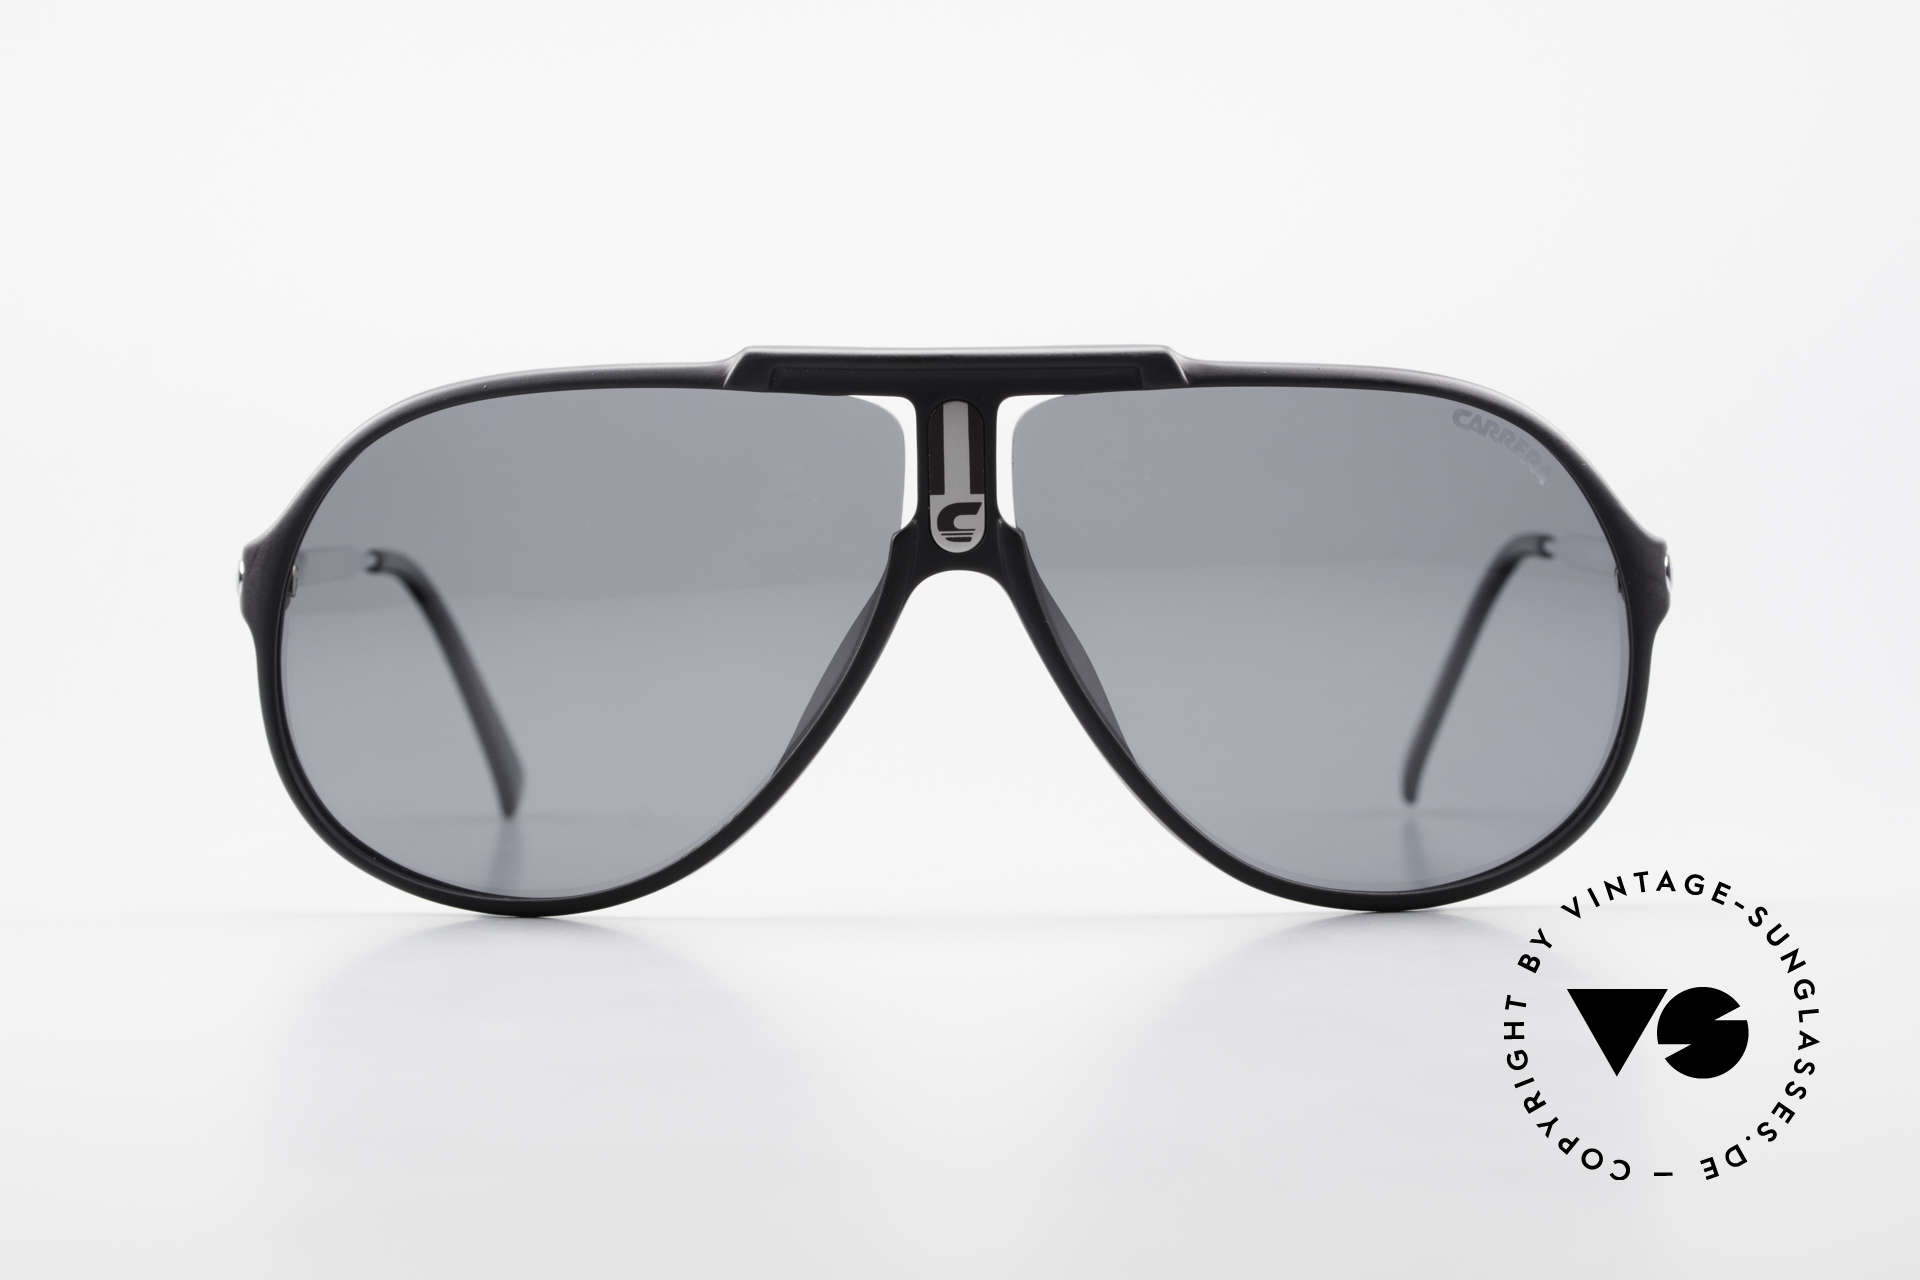 Carrera 5590 80er 90er Brille Polarisierend, POLARISIERENDE Gläser in grau; 100% UV protection, Passend für Herren